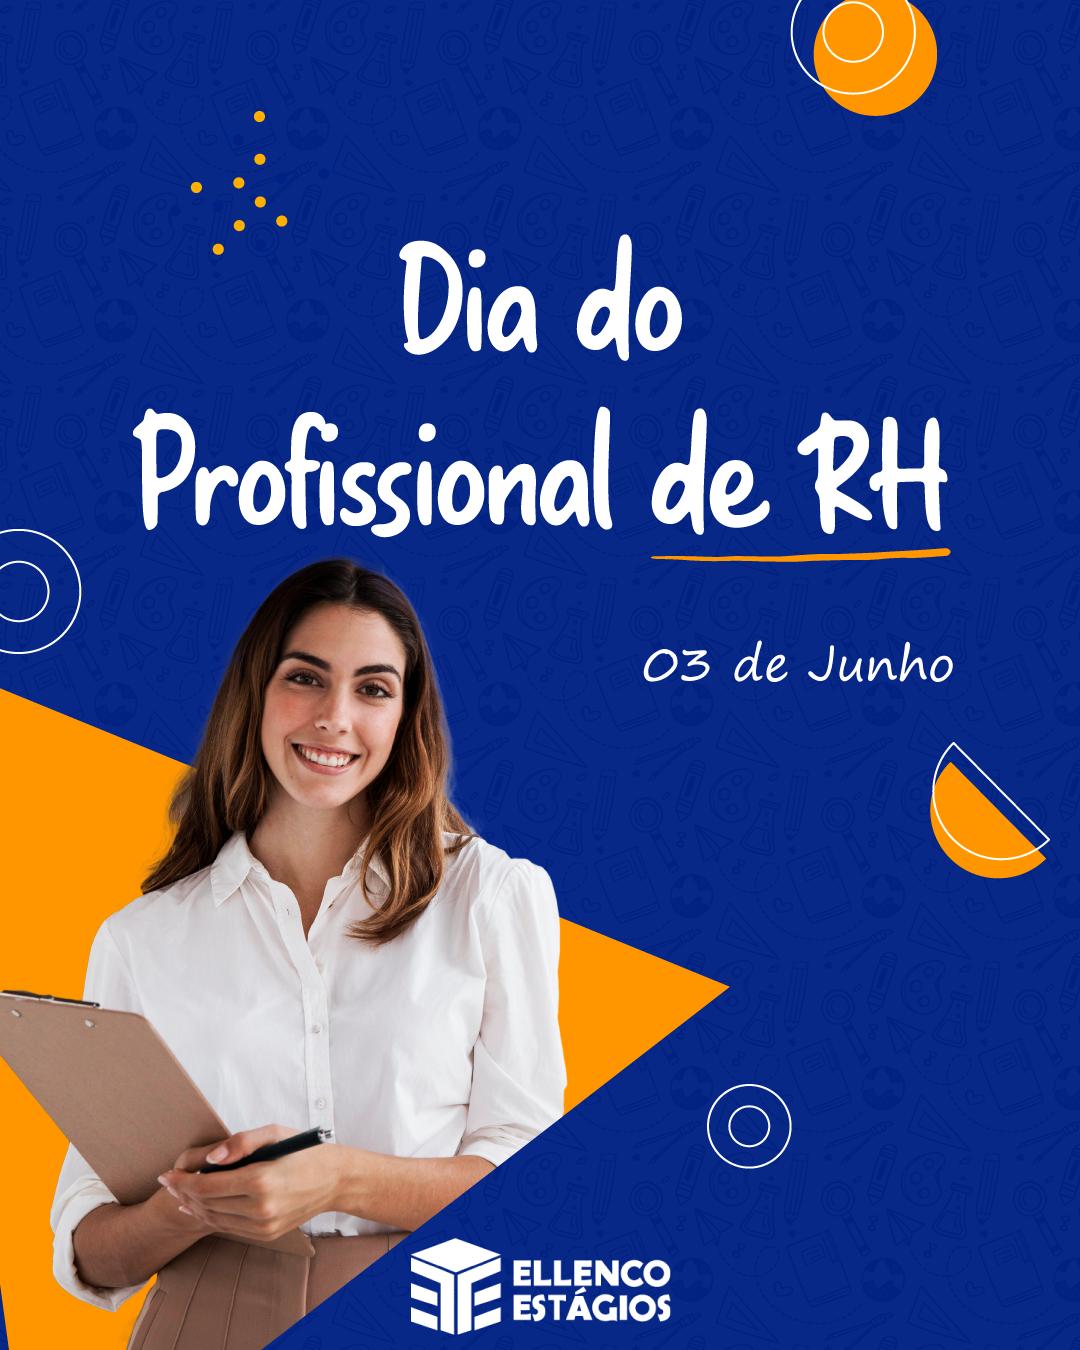 03 de Junho – Dia do Profissional de RH